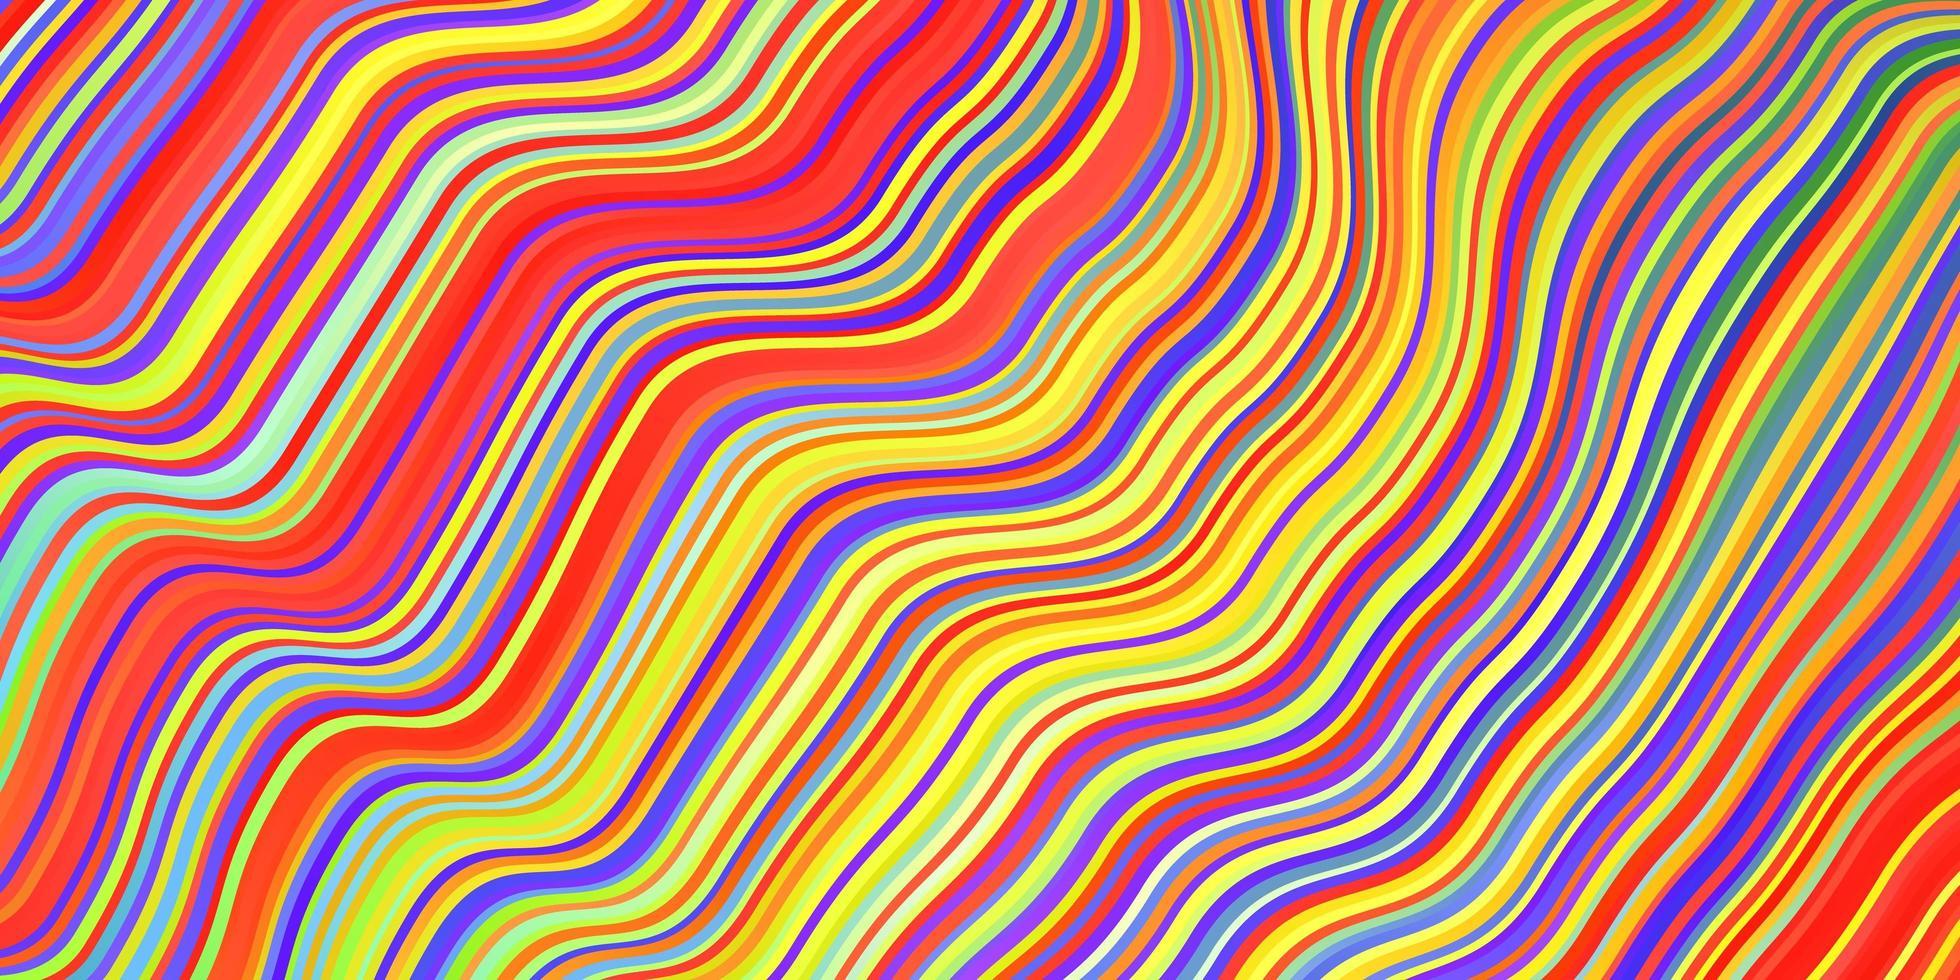 ljus flerfärgad vektor konsistens med kurvor.